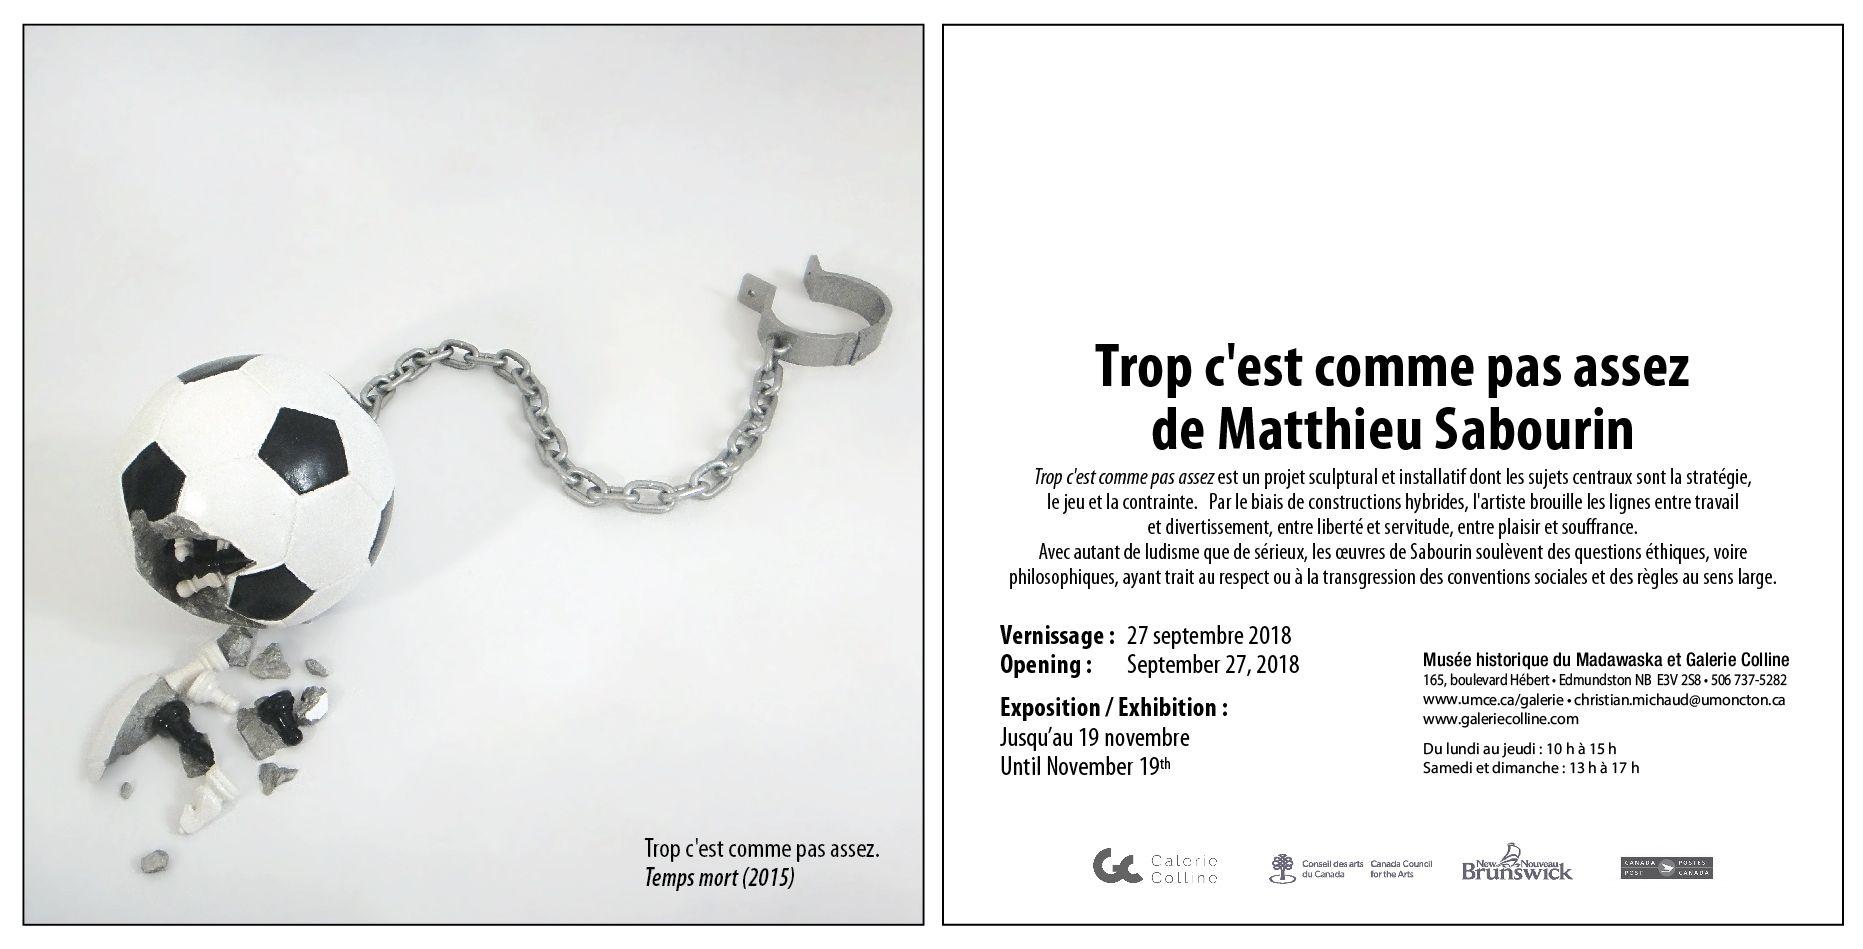 Galerie Colline MatthieuSabourin-01-1.jpg